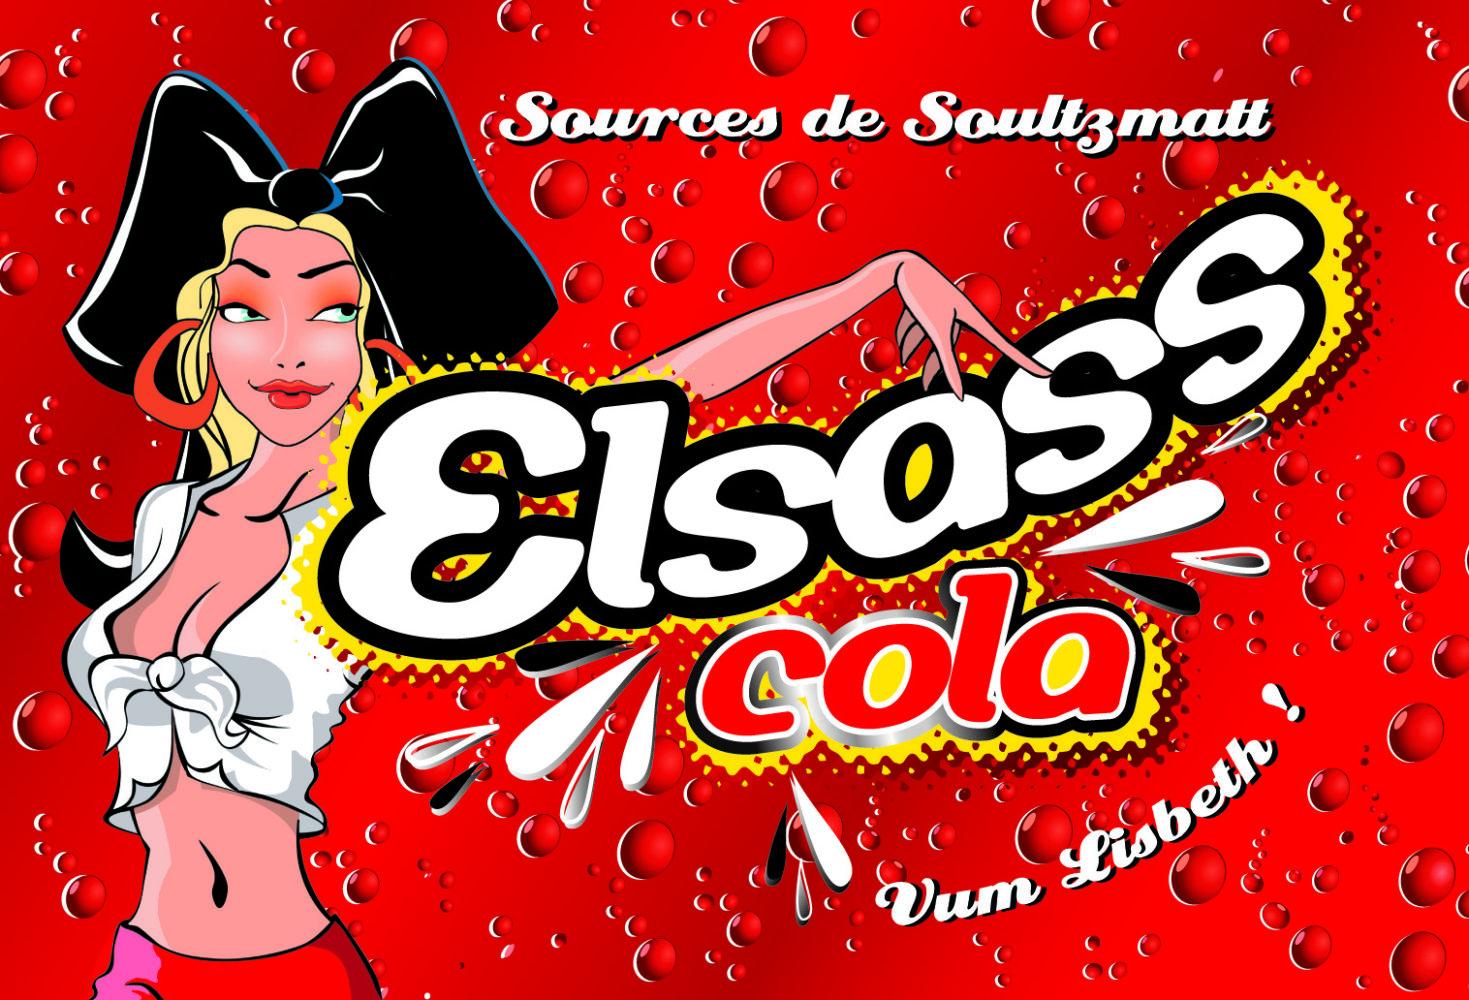 LOGO ELSASS COLA Haute Def